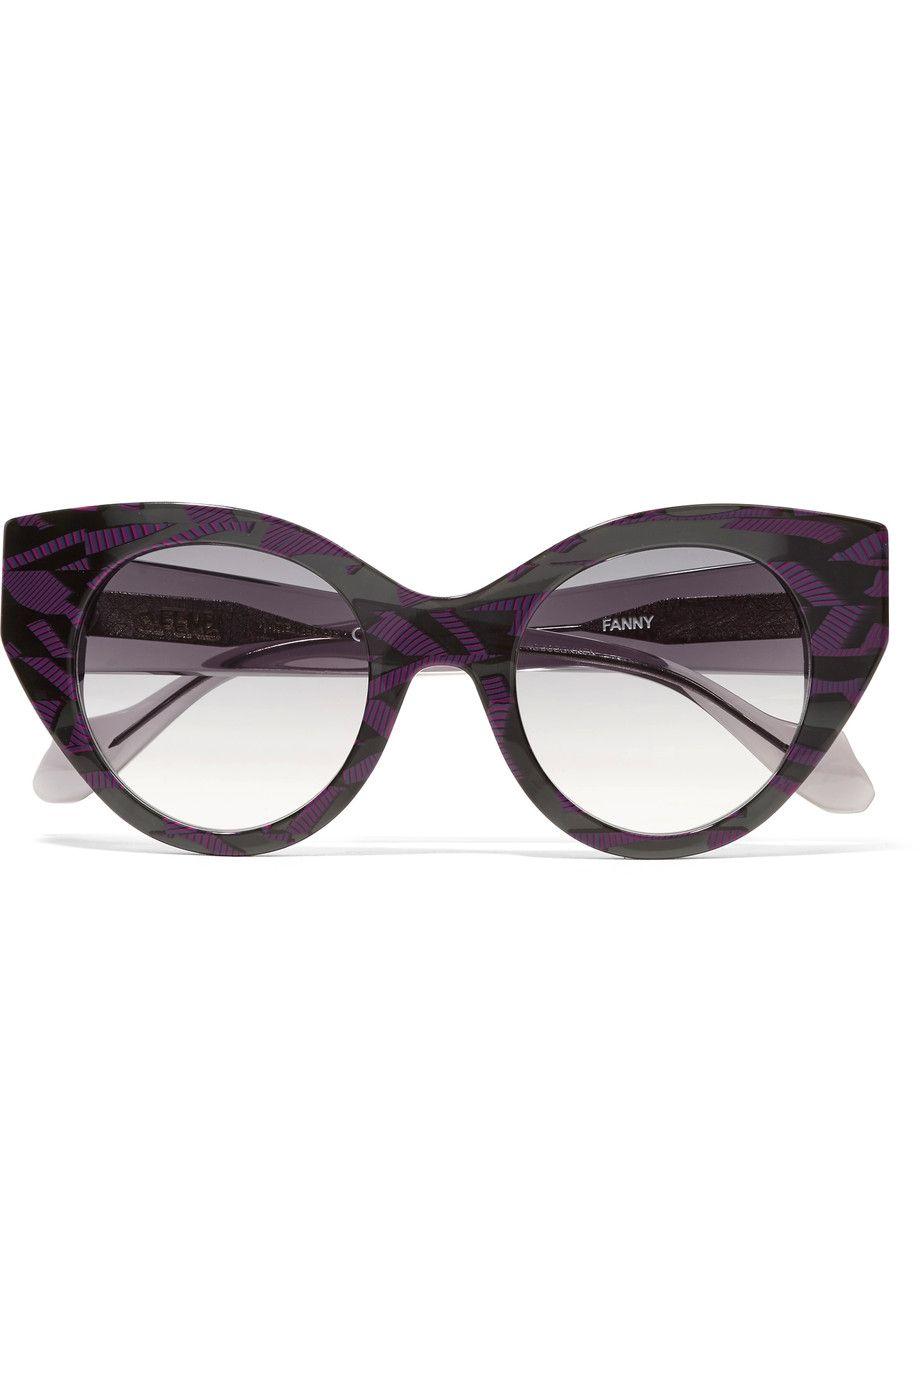 59837161f5127 FENDI Fanny cat-eye acetate sunglasses.  fendi